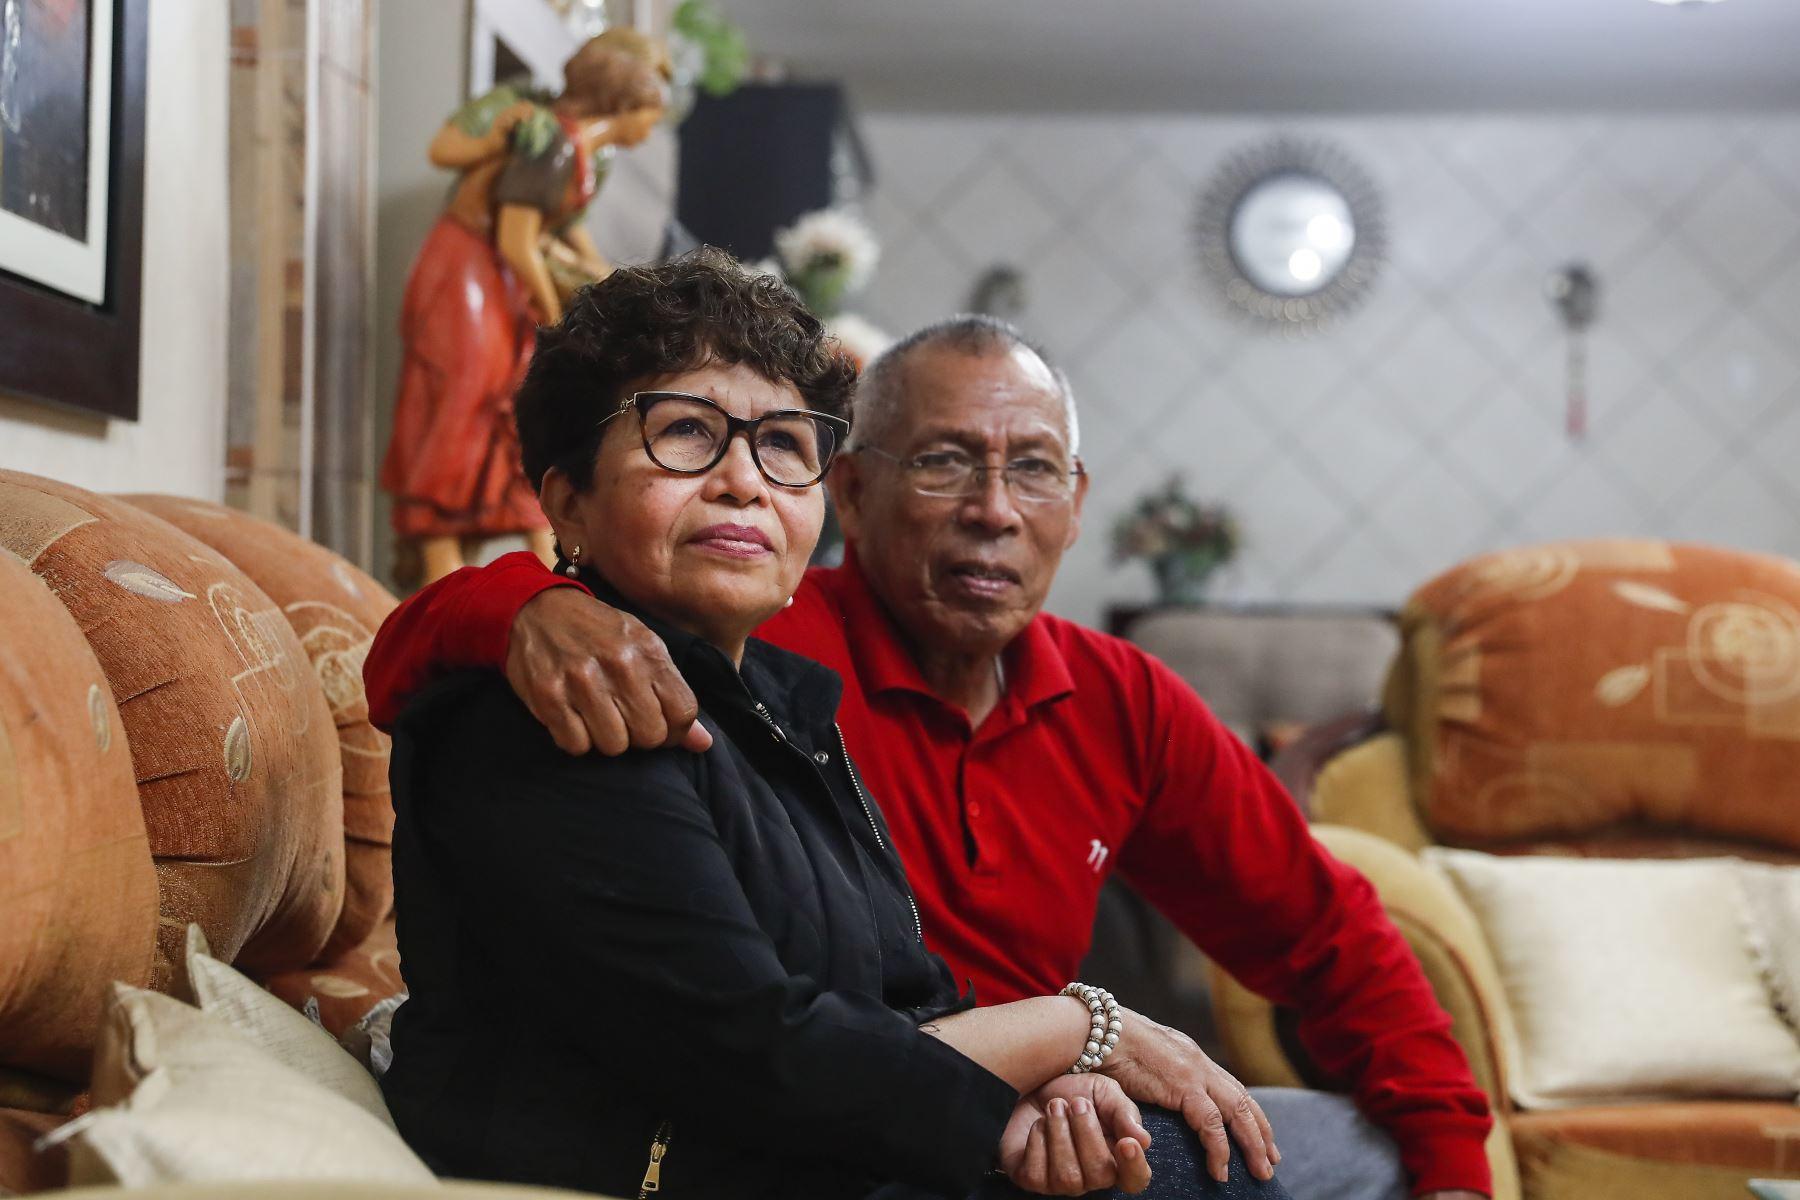 Carmen Rosa recibió a inicios de diciembre de 1999 la noticia de que tenía cáncer en la mama izquierda. Su esposo la apoyó en todo momento. Foto: ANDINA/Renato Pajuelo